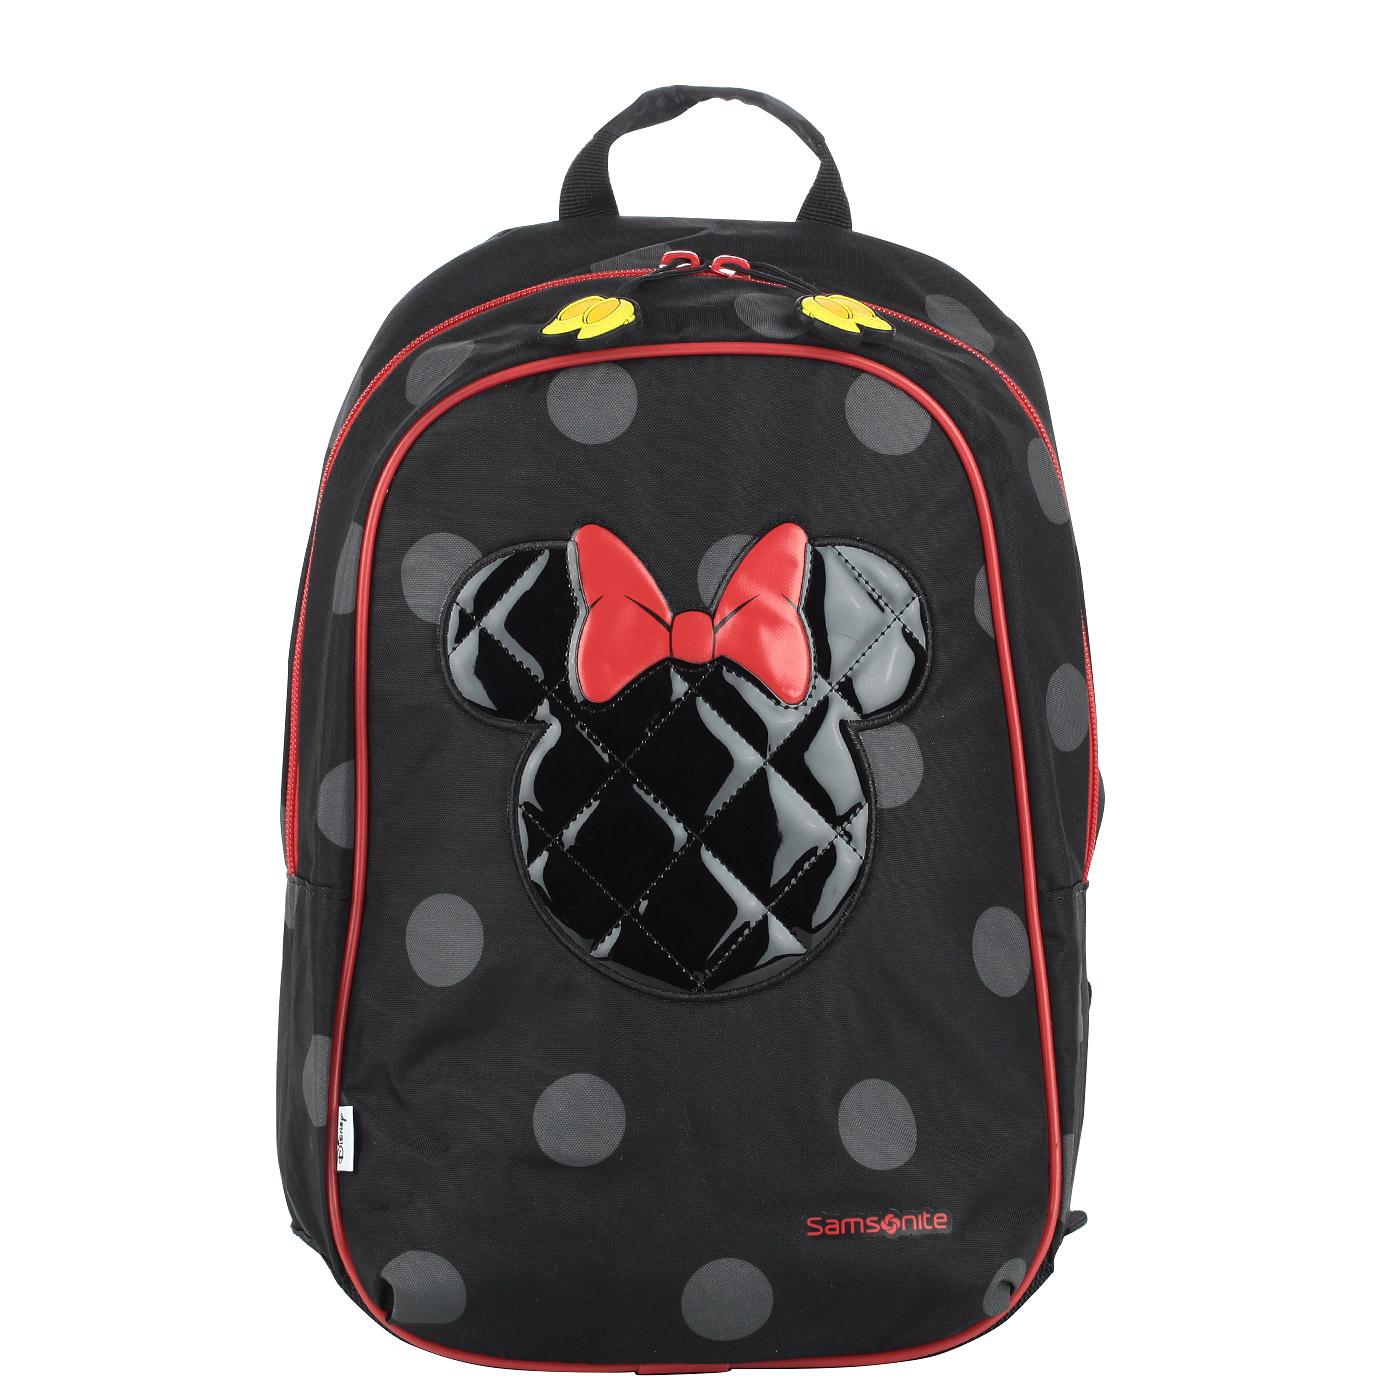 Детские рюкзаки для девочек распродажа иркутск рюкзаки в пятигорске